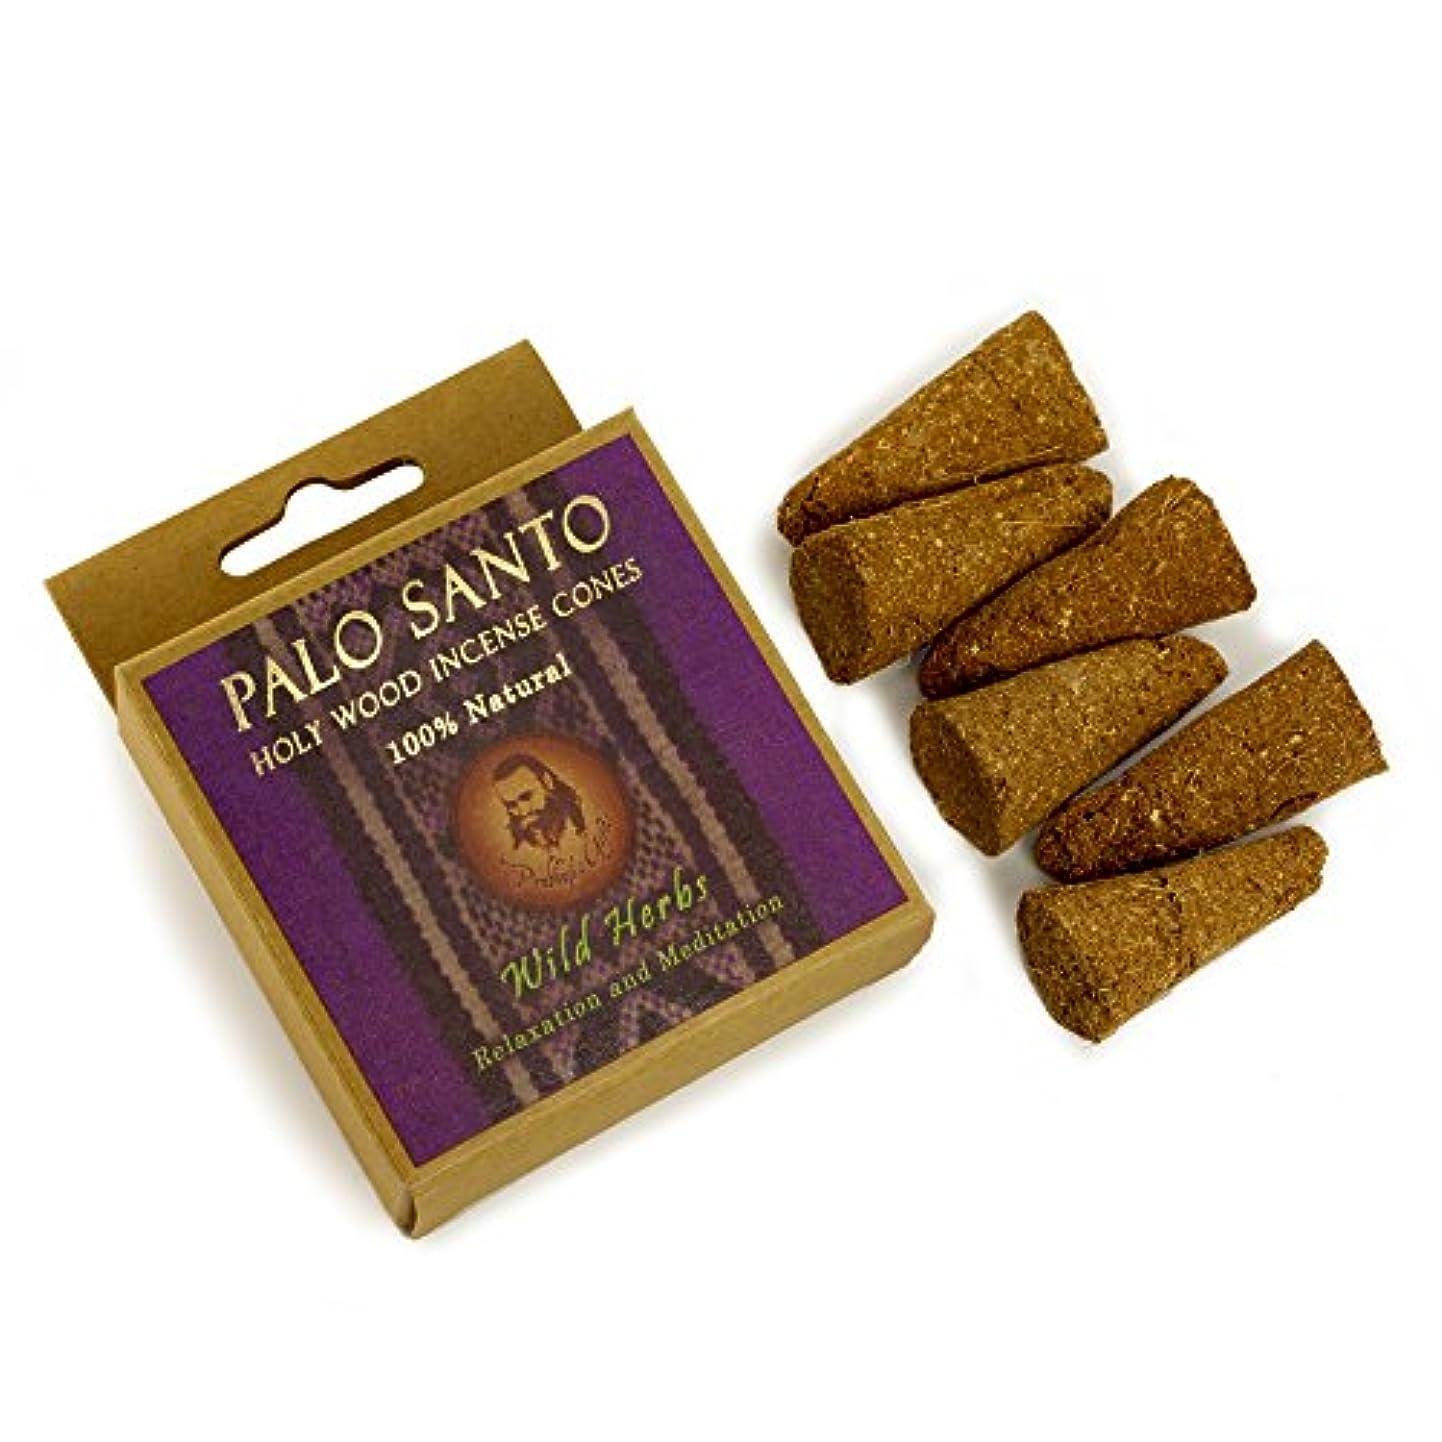 ハプニングナインへ畝間Palo Santo and Wild herbs – Relaxation &瞑想 – 6 Incense Cones